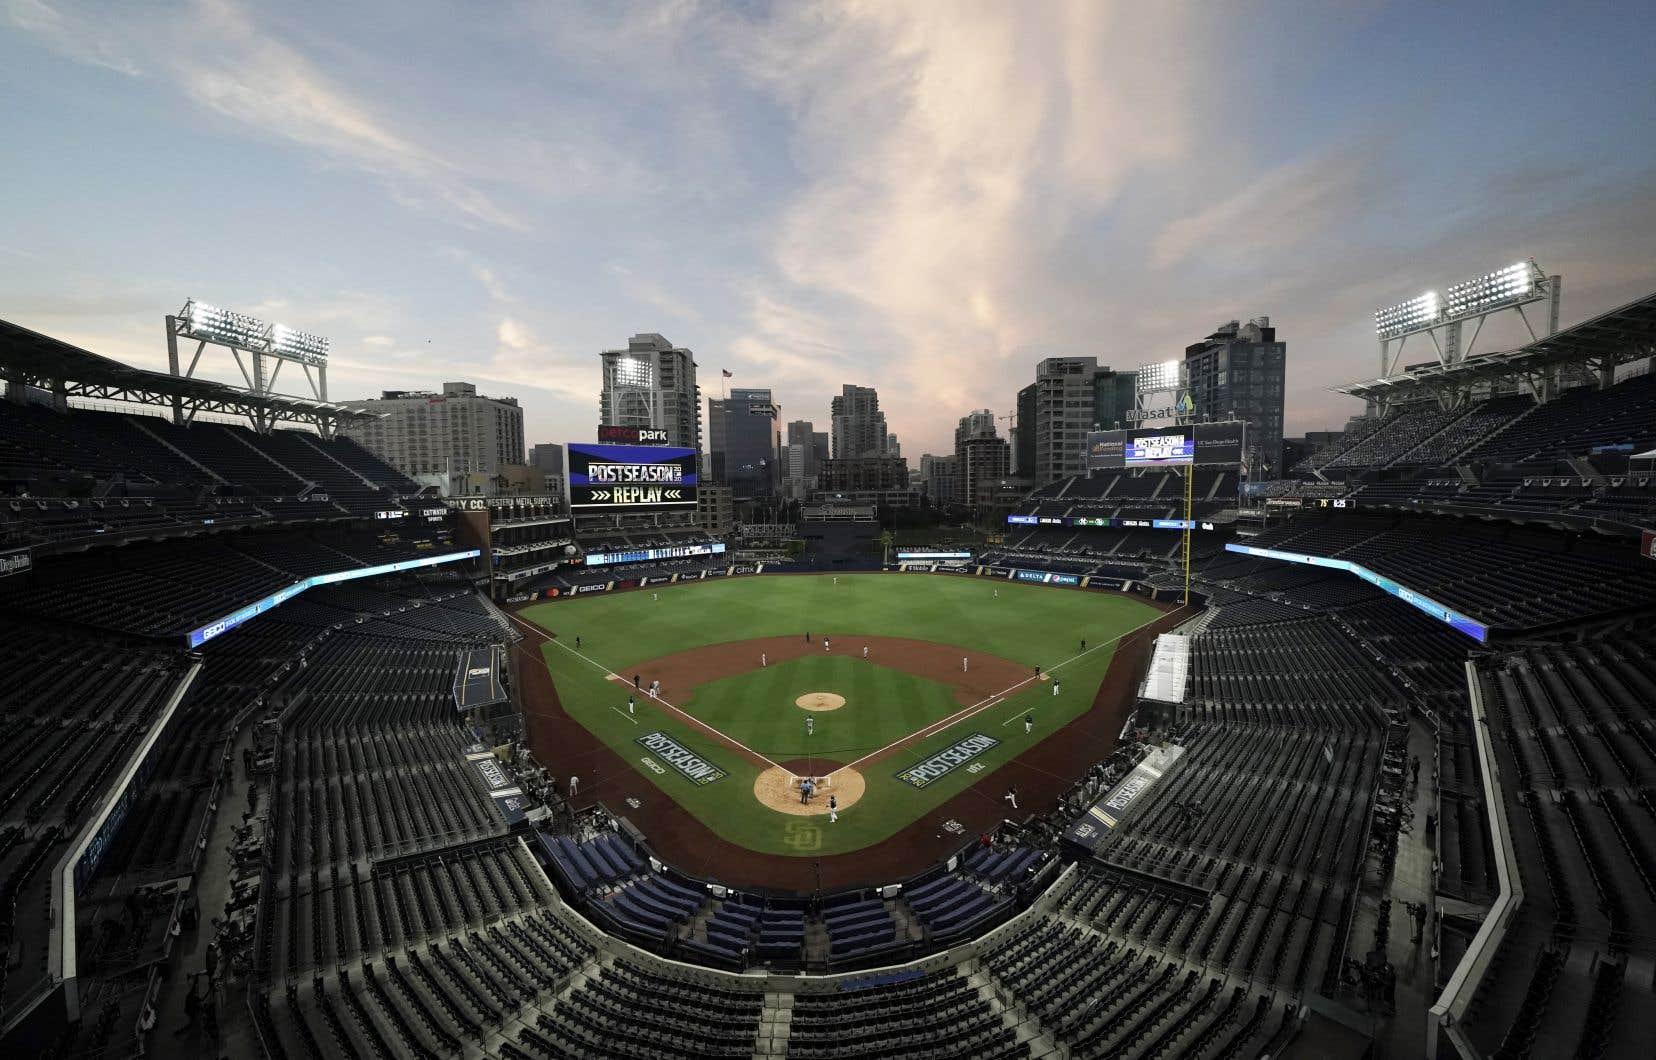 Une note de service de trois pages de la MLB et de l'Association des joueurs (MLBPA) a été envoyé aux joueurs et membres du personnel lundi.